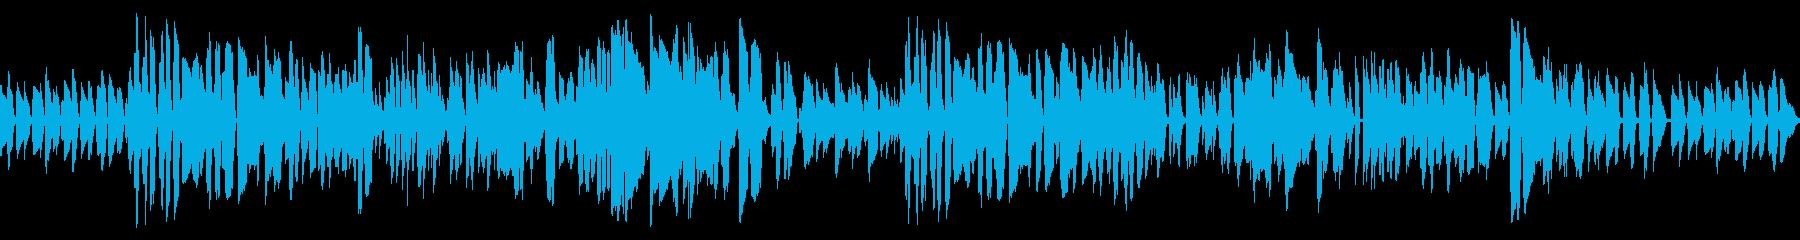 洒落たバーのイメージのクラリネットジャズの再生済みの波形